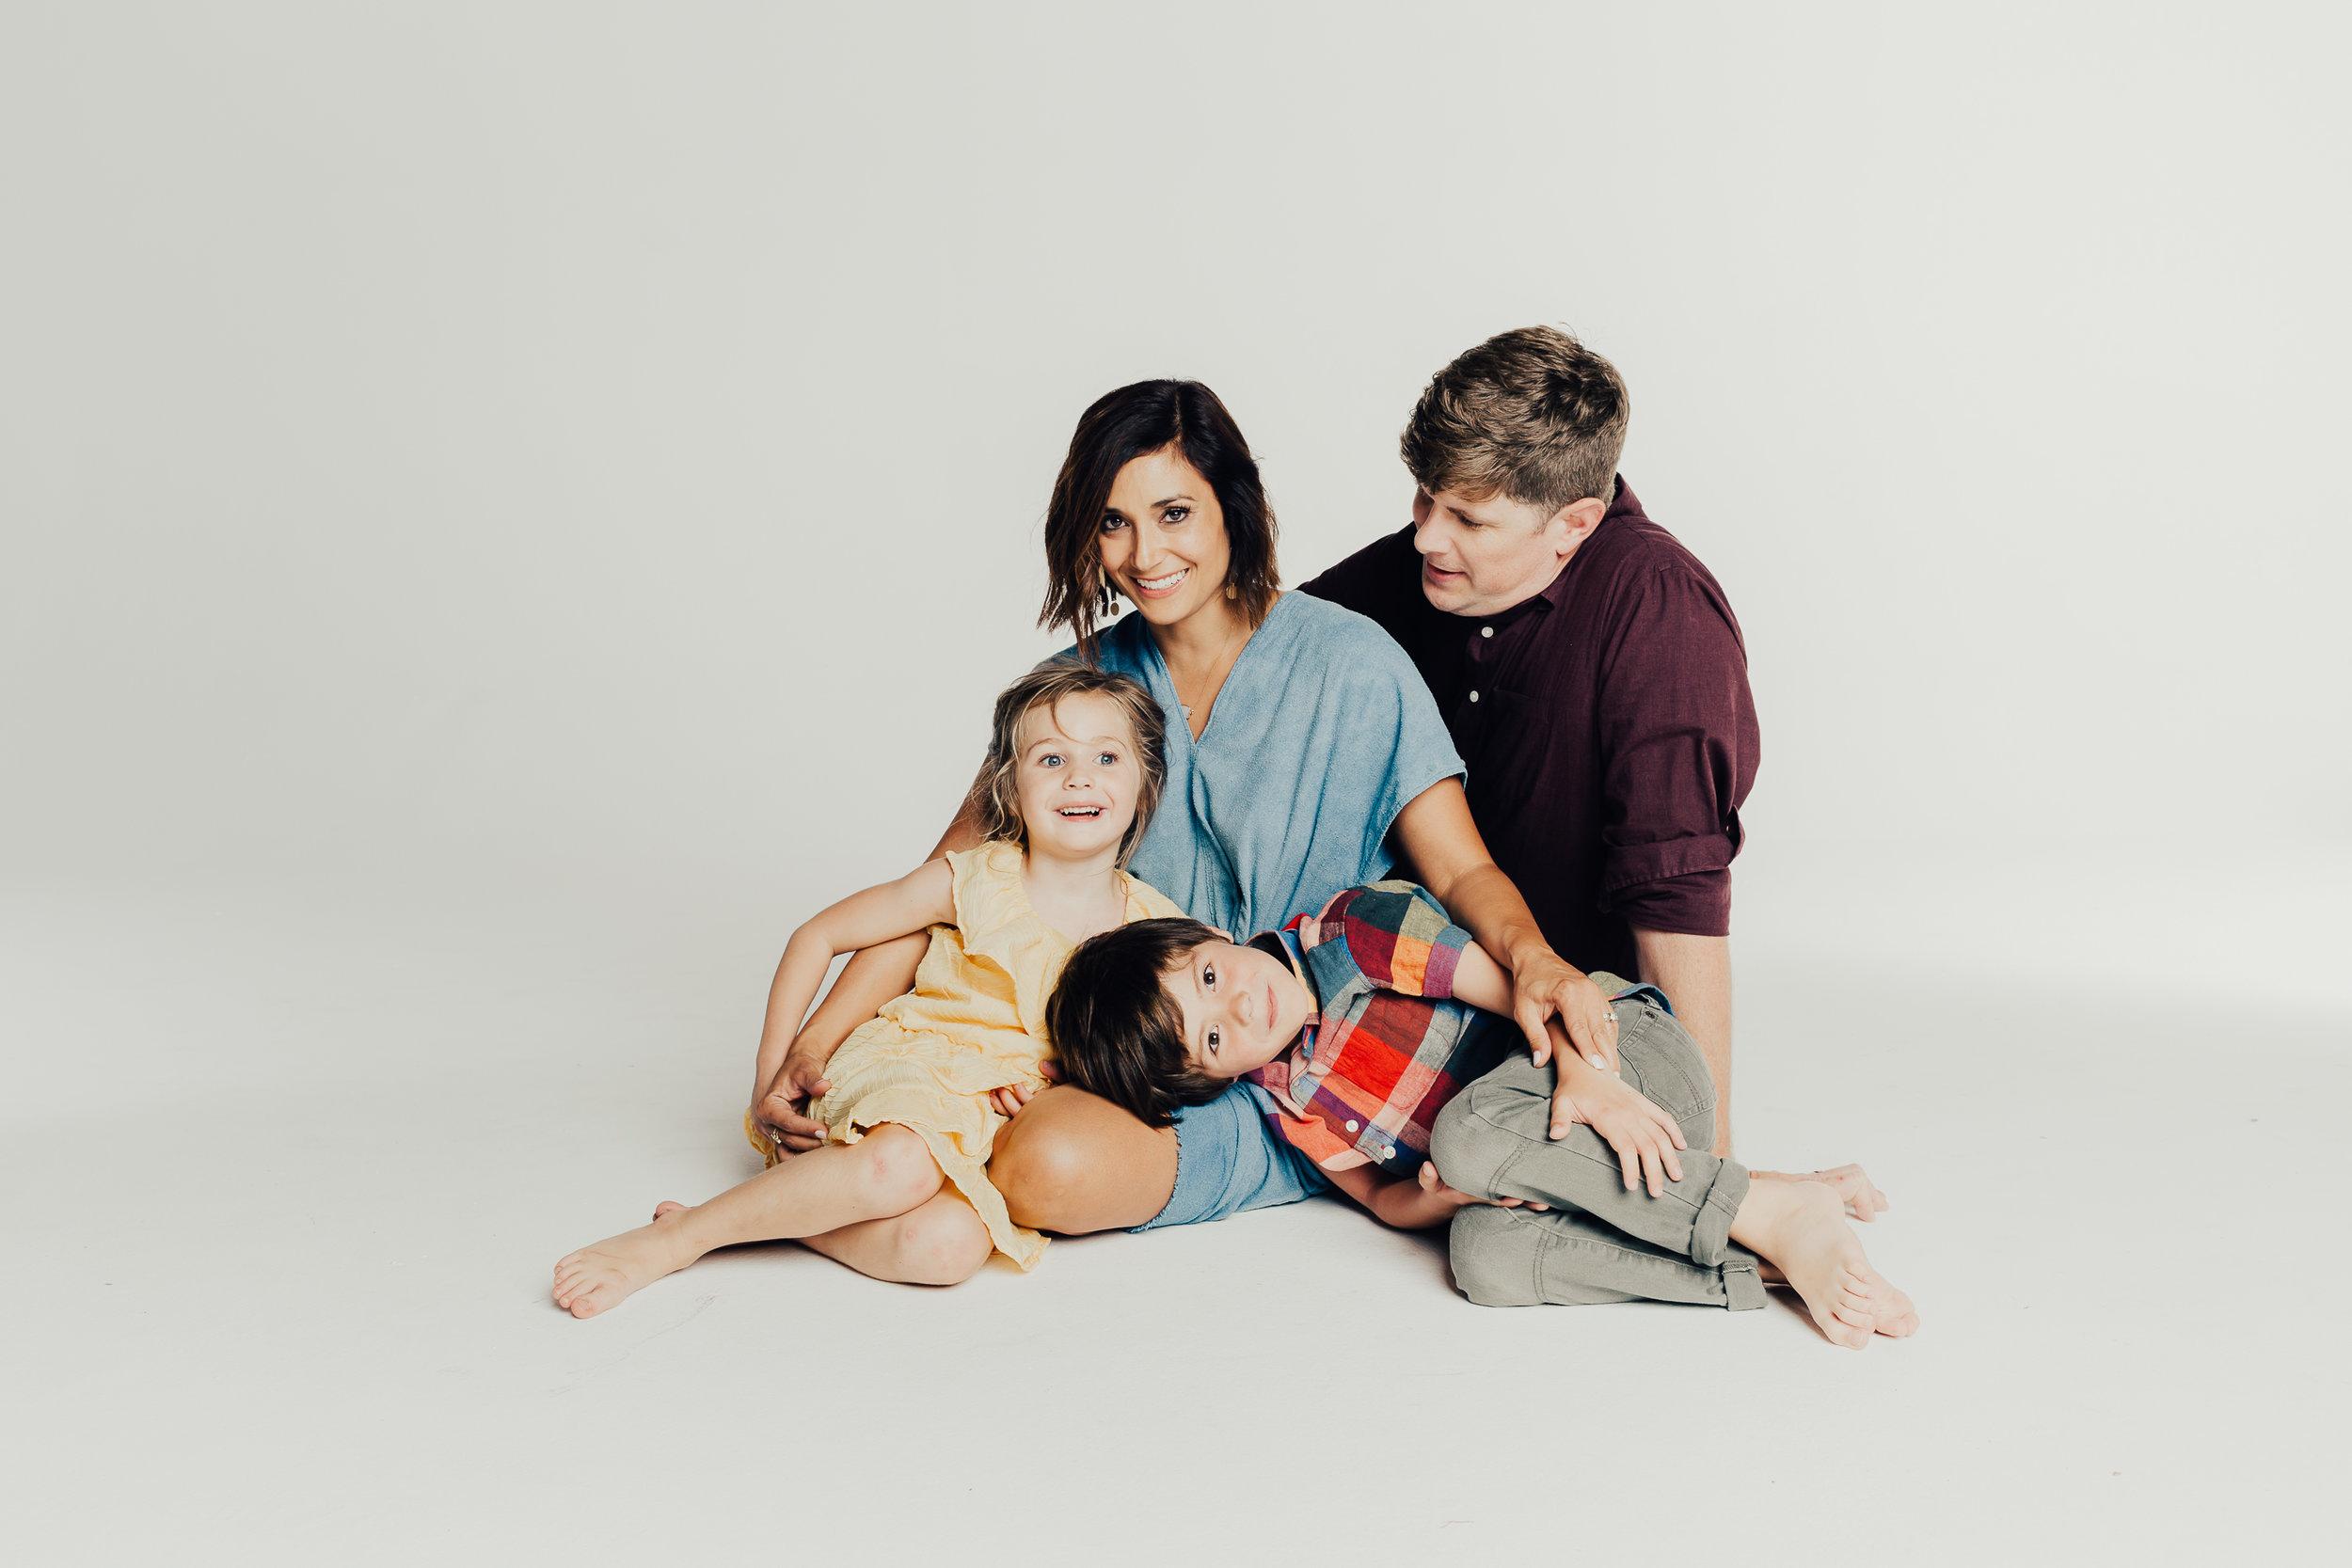 Gianna Keiko Atlanta Family Studio Portrait Photographer-50.jpg